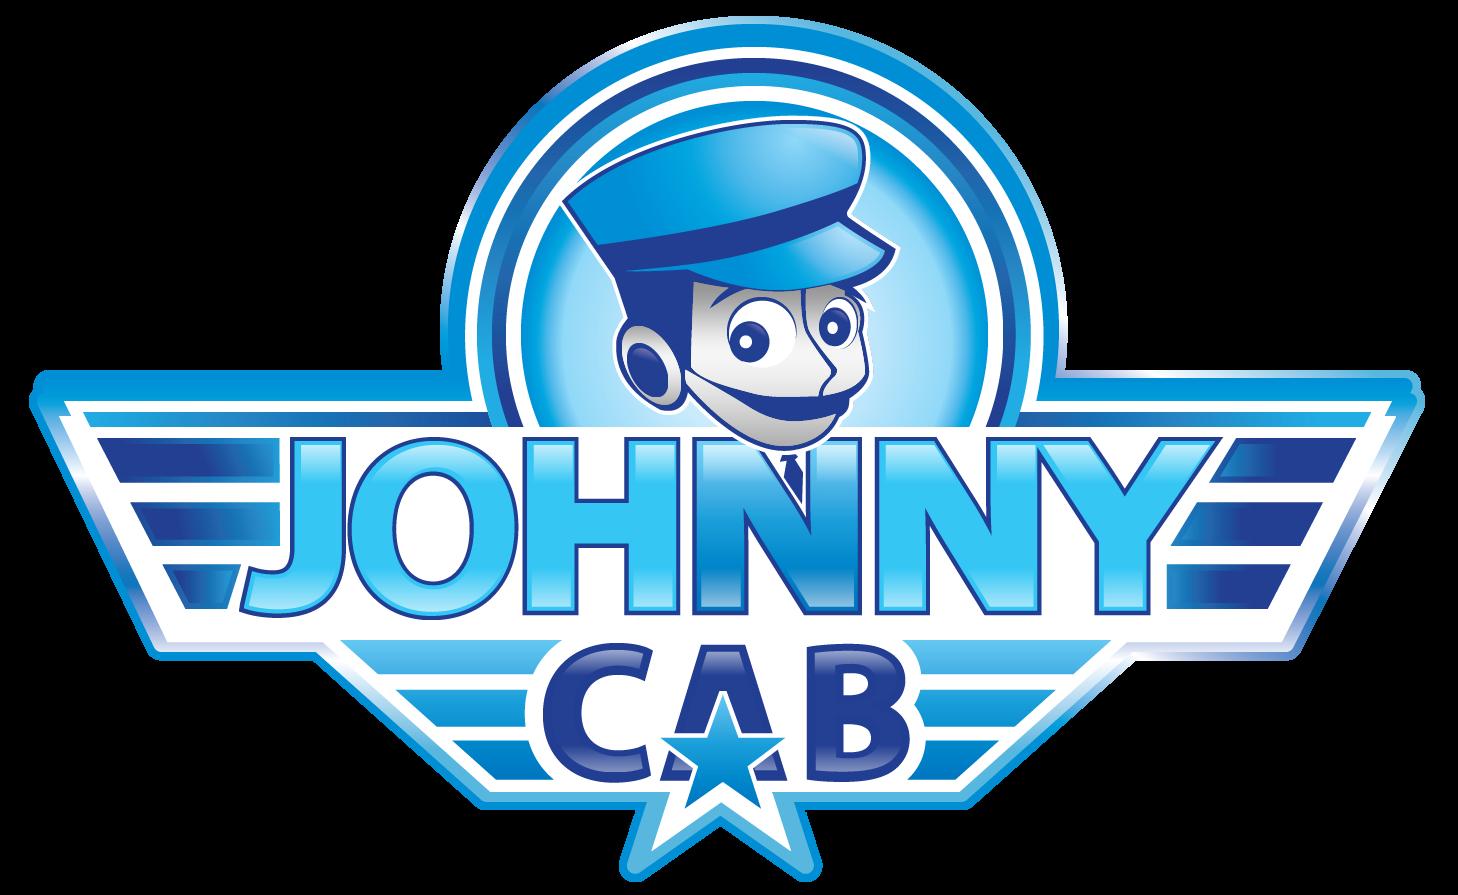 Johnny Cab | CPB Field Manual Wiki | FANDOM powered by Wikia